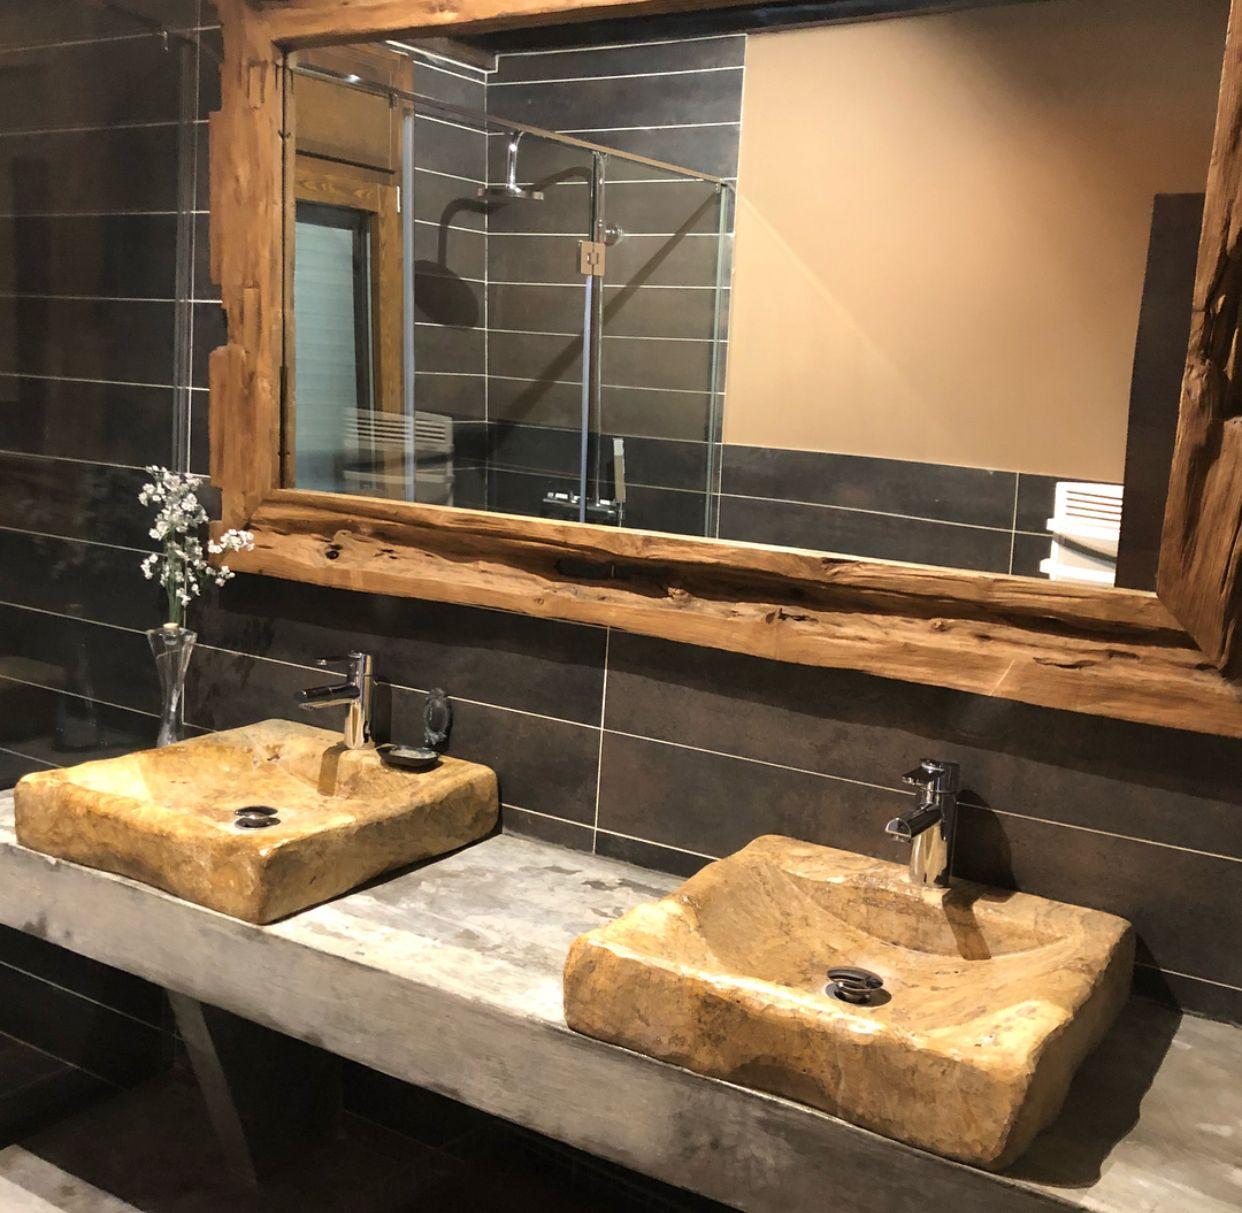 Lavabos de piedra natural y espejo de madera reciclada nuestros productos pinterest - Lavabos de piedra natural ...